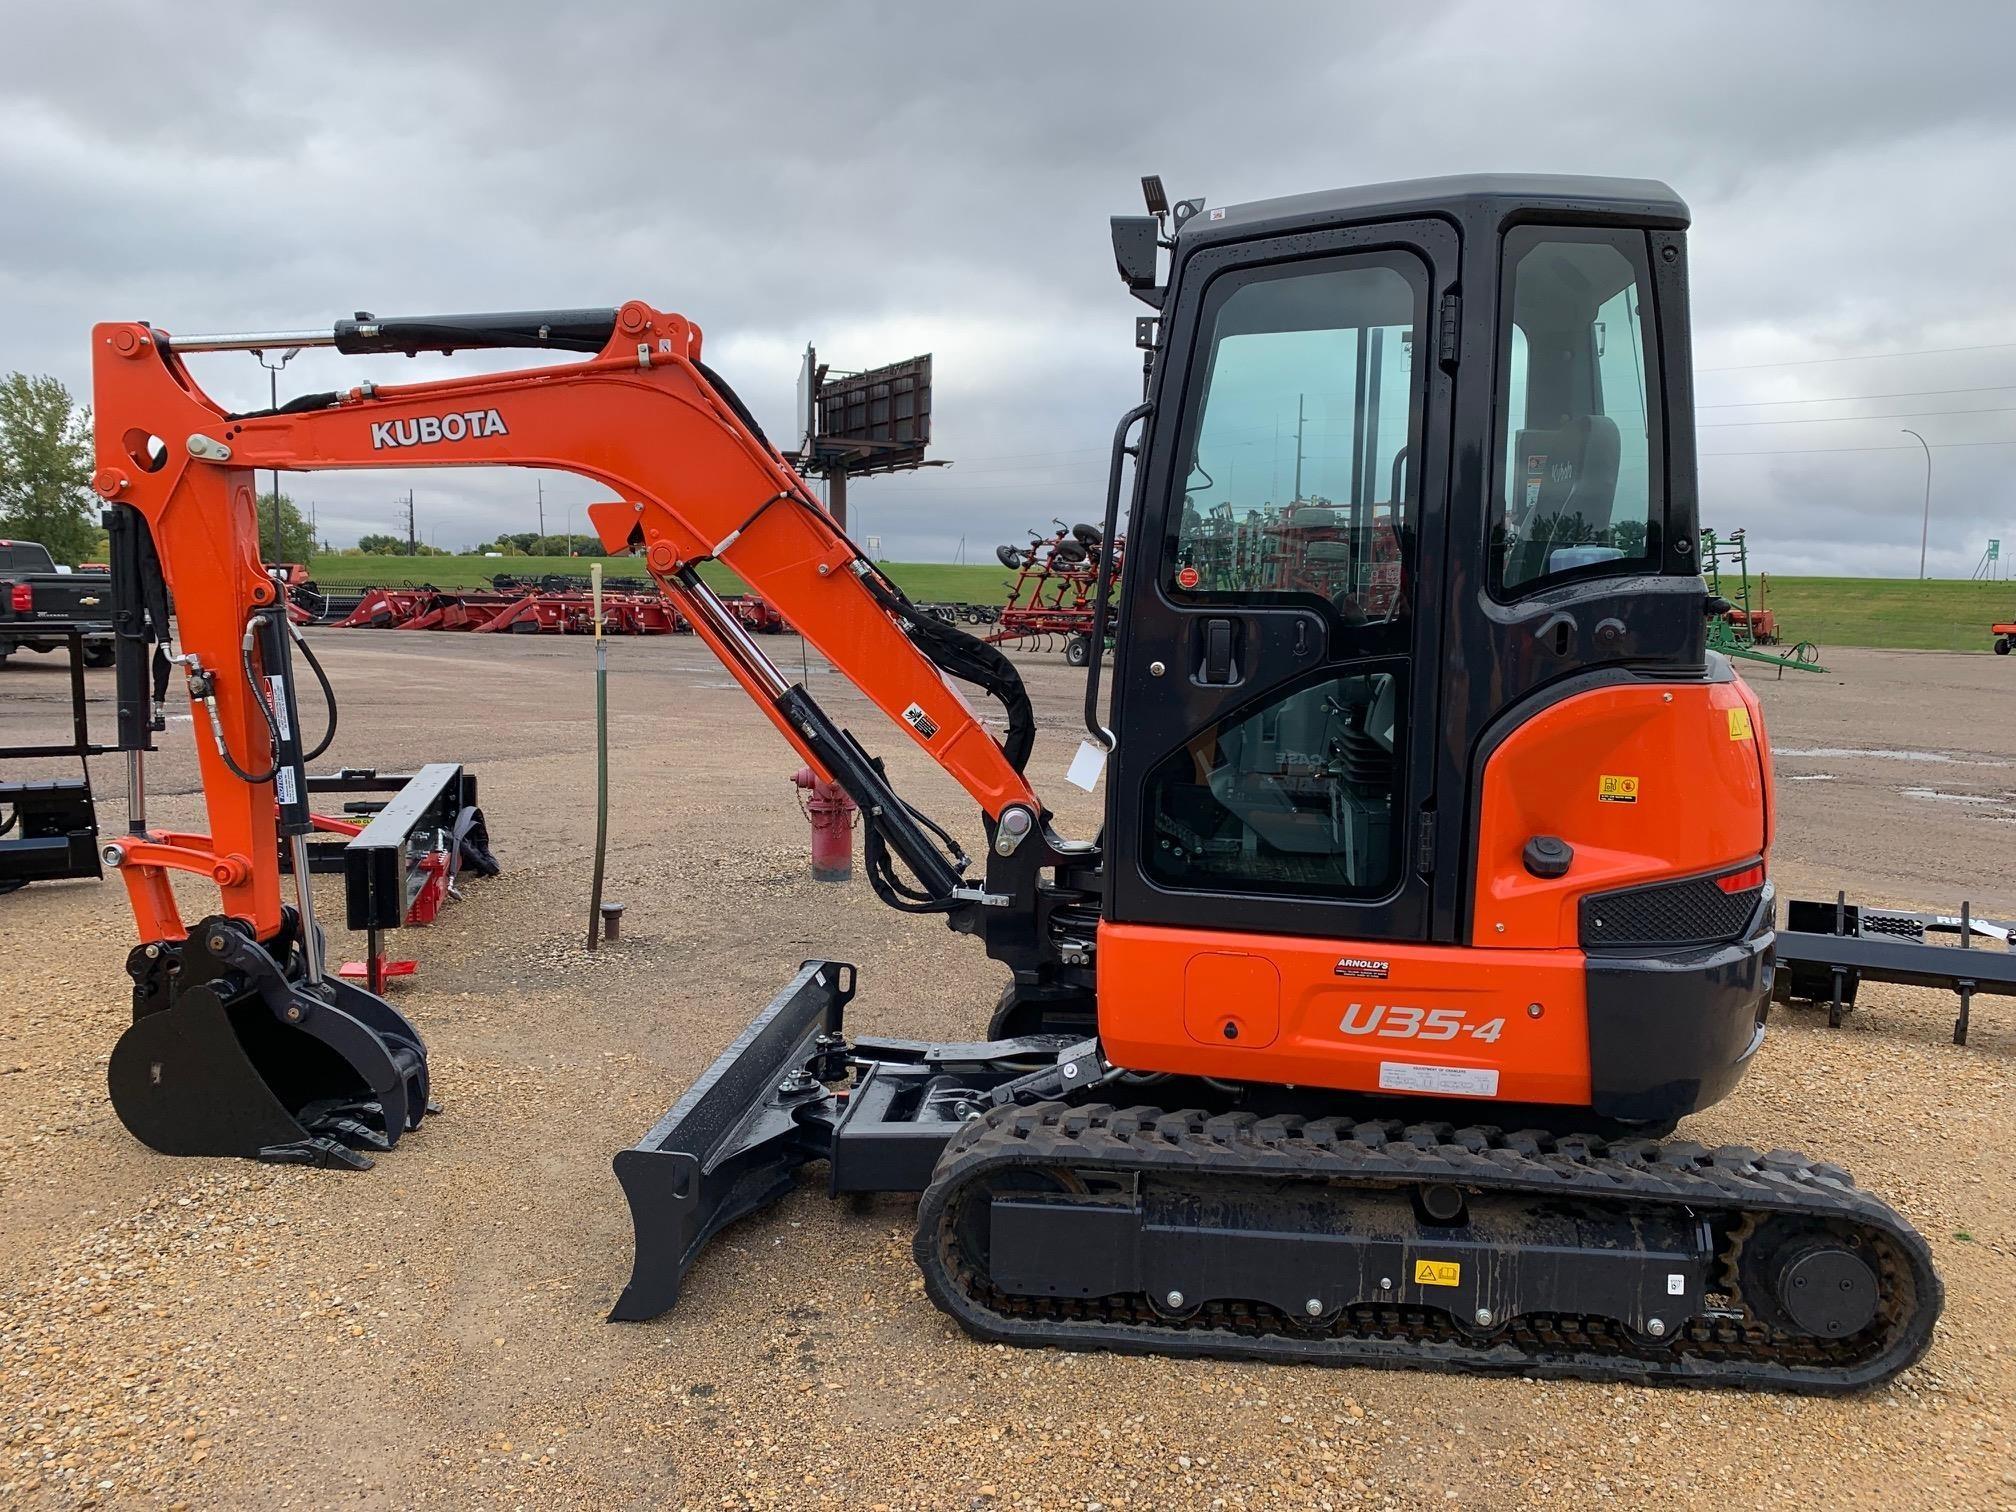 2019 Kubota U35-4 Excavators and Mini Excavator